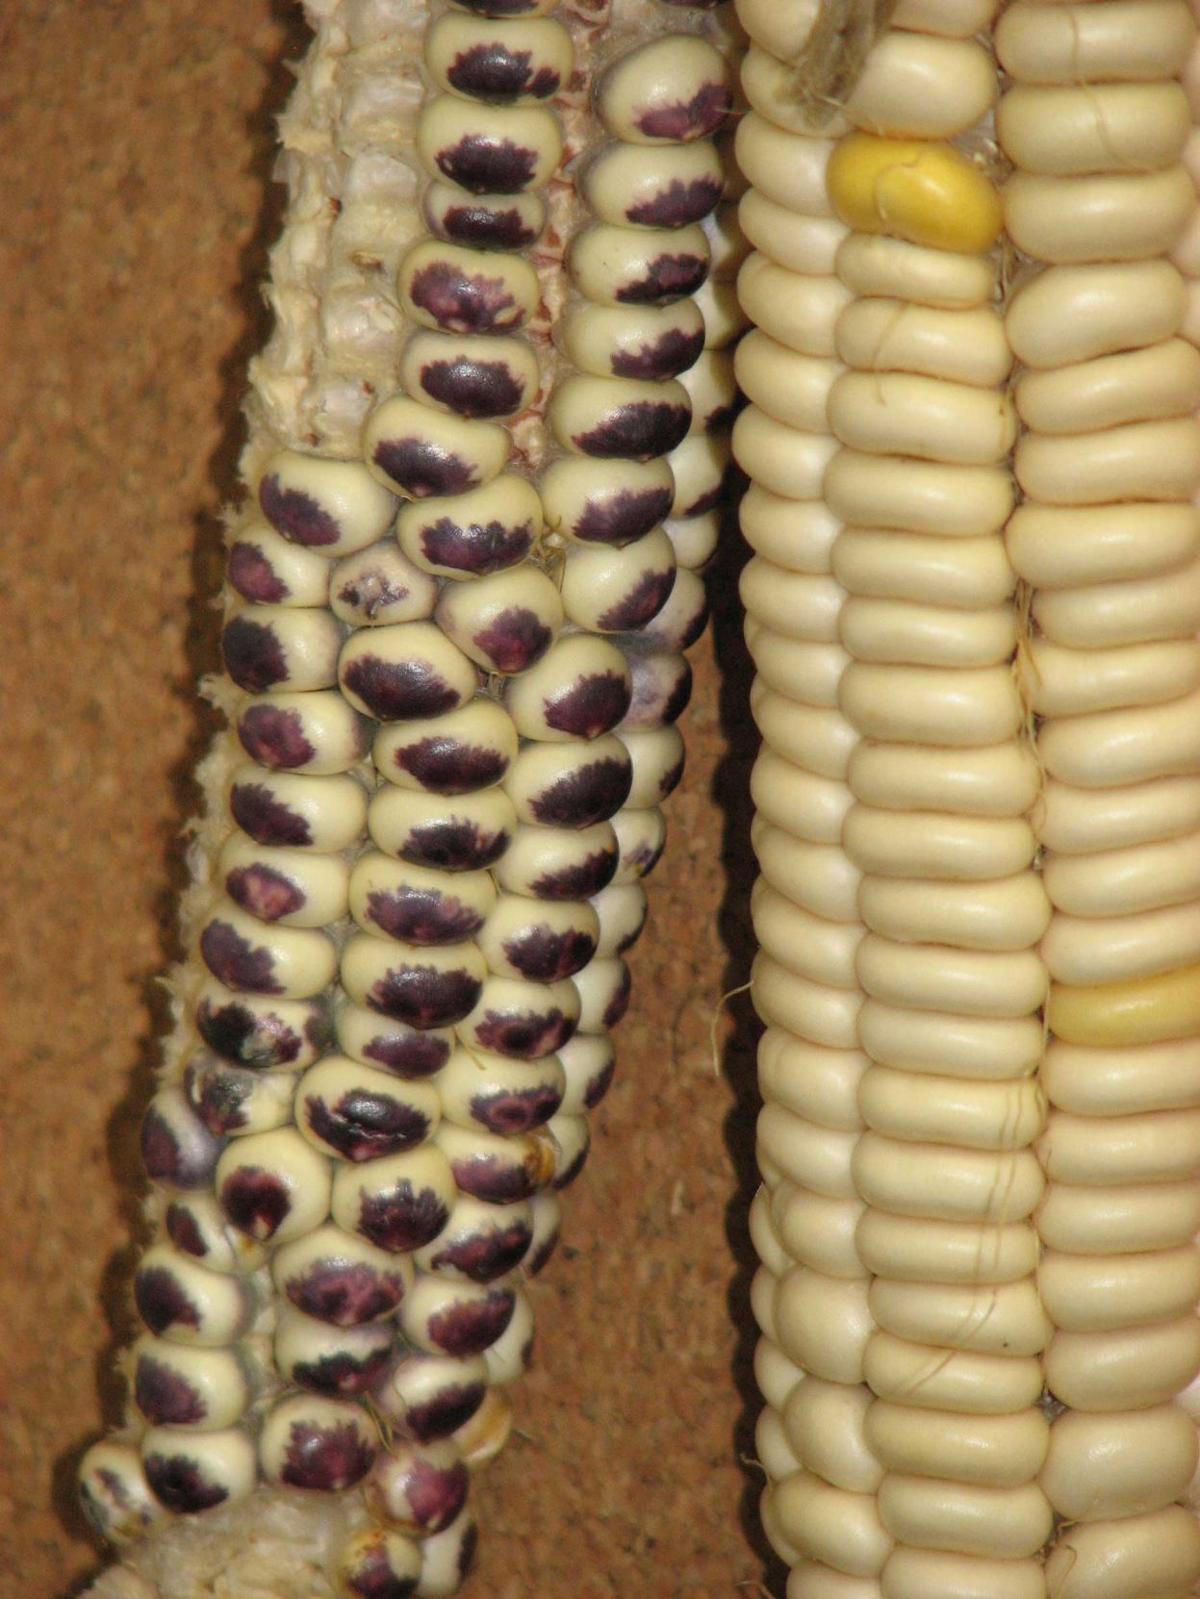 Eagle corn